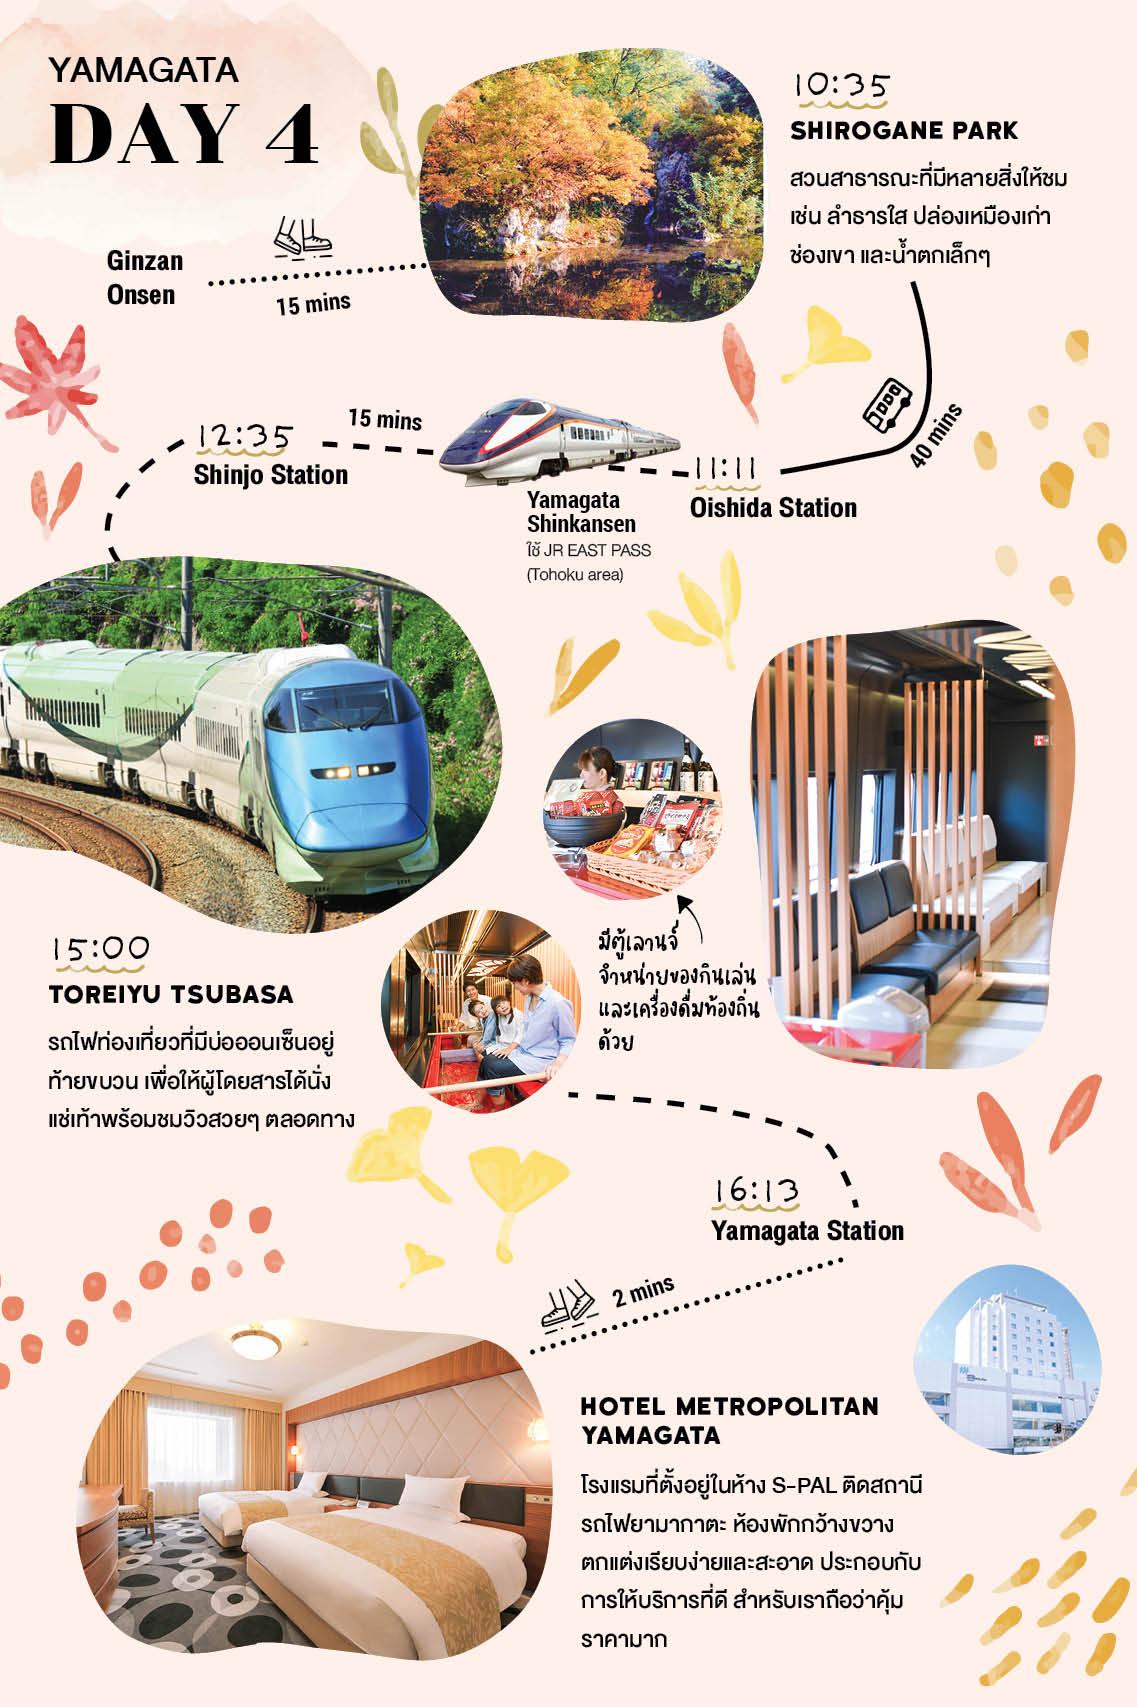 Model Course Day 4 'ยามากาตะ' (Yamagata) ฤดูใบไม้ร่วง